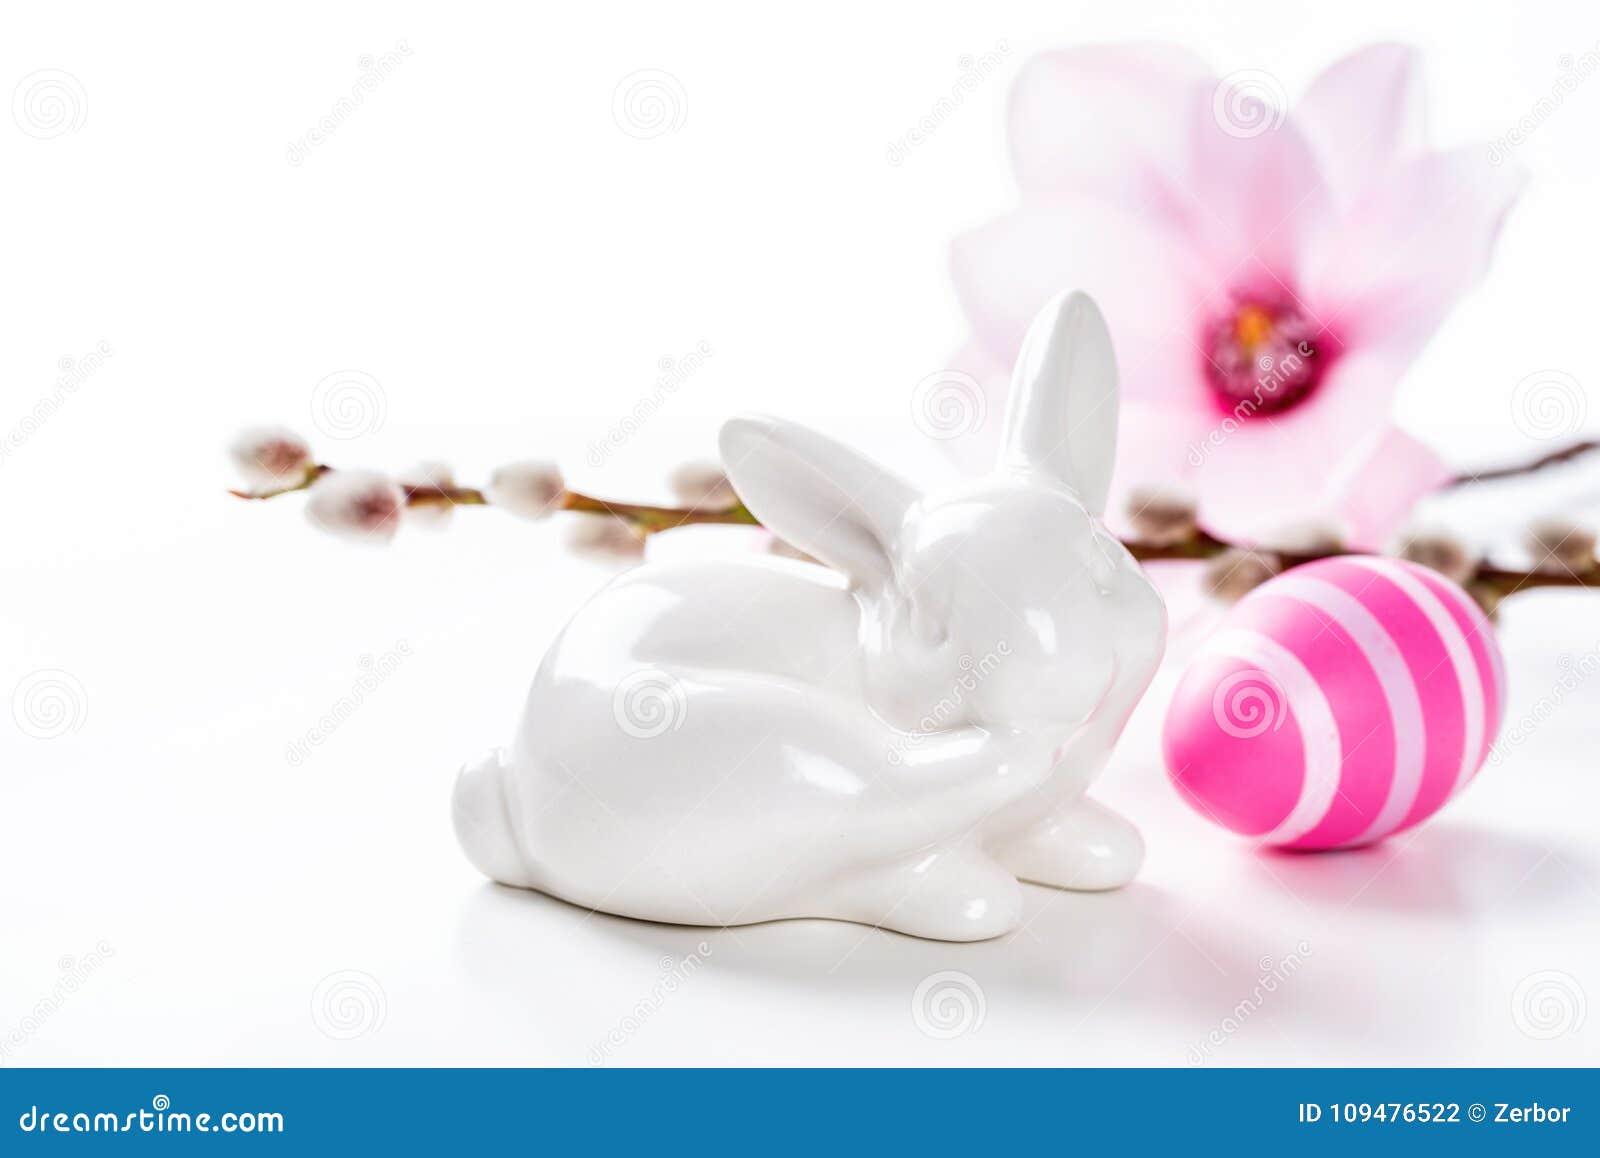 Coniglietto Di Pasqua Con Un Uovo Di Pasqua Rosa Fotografia Stock